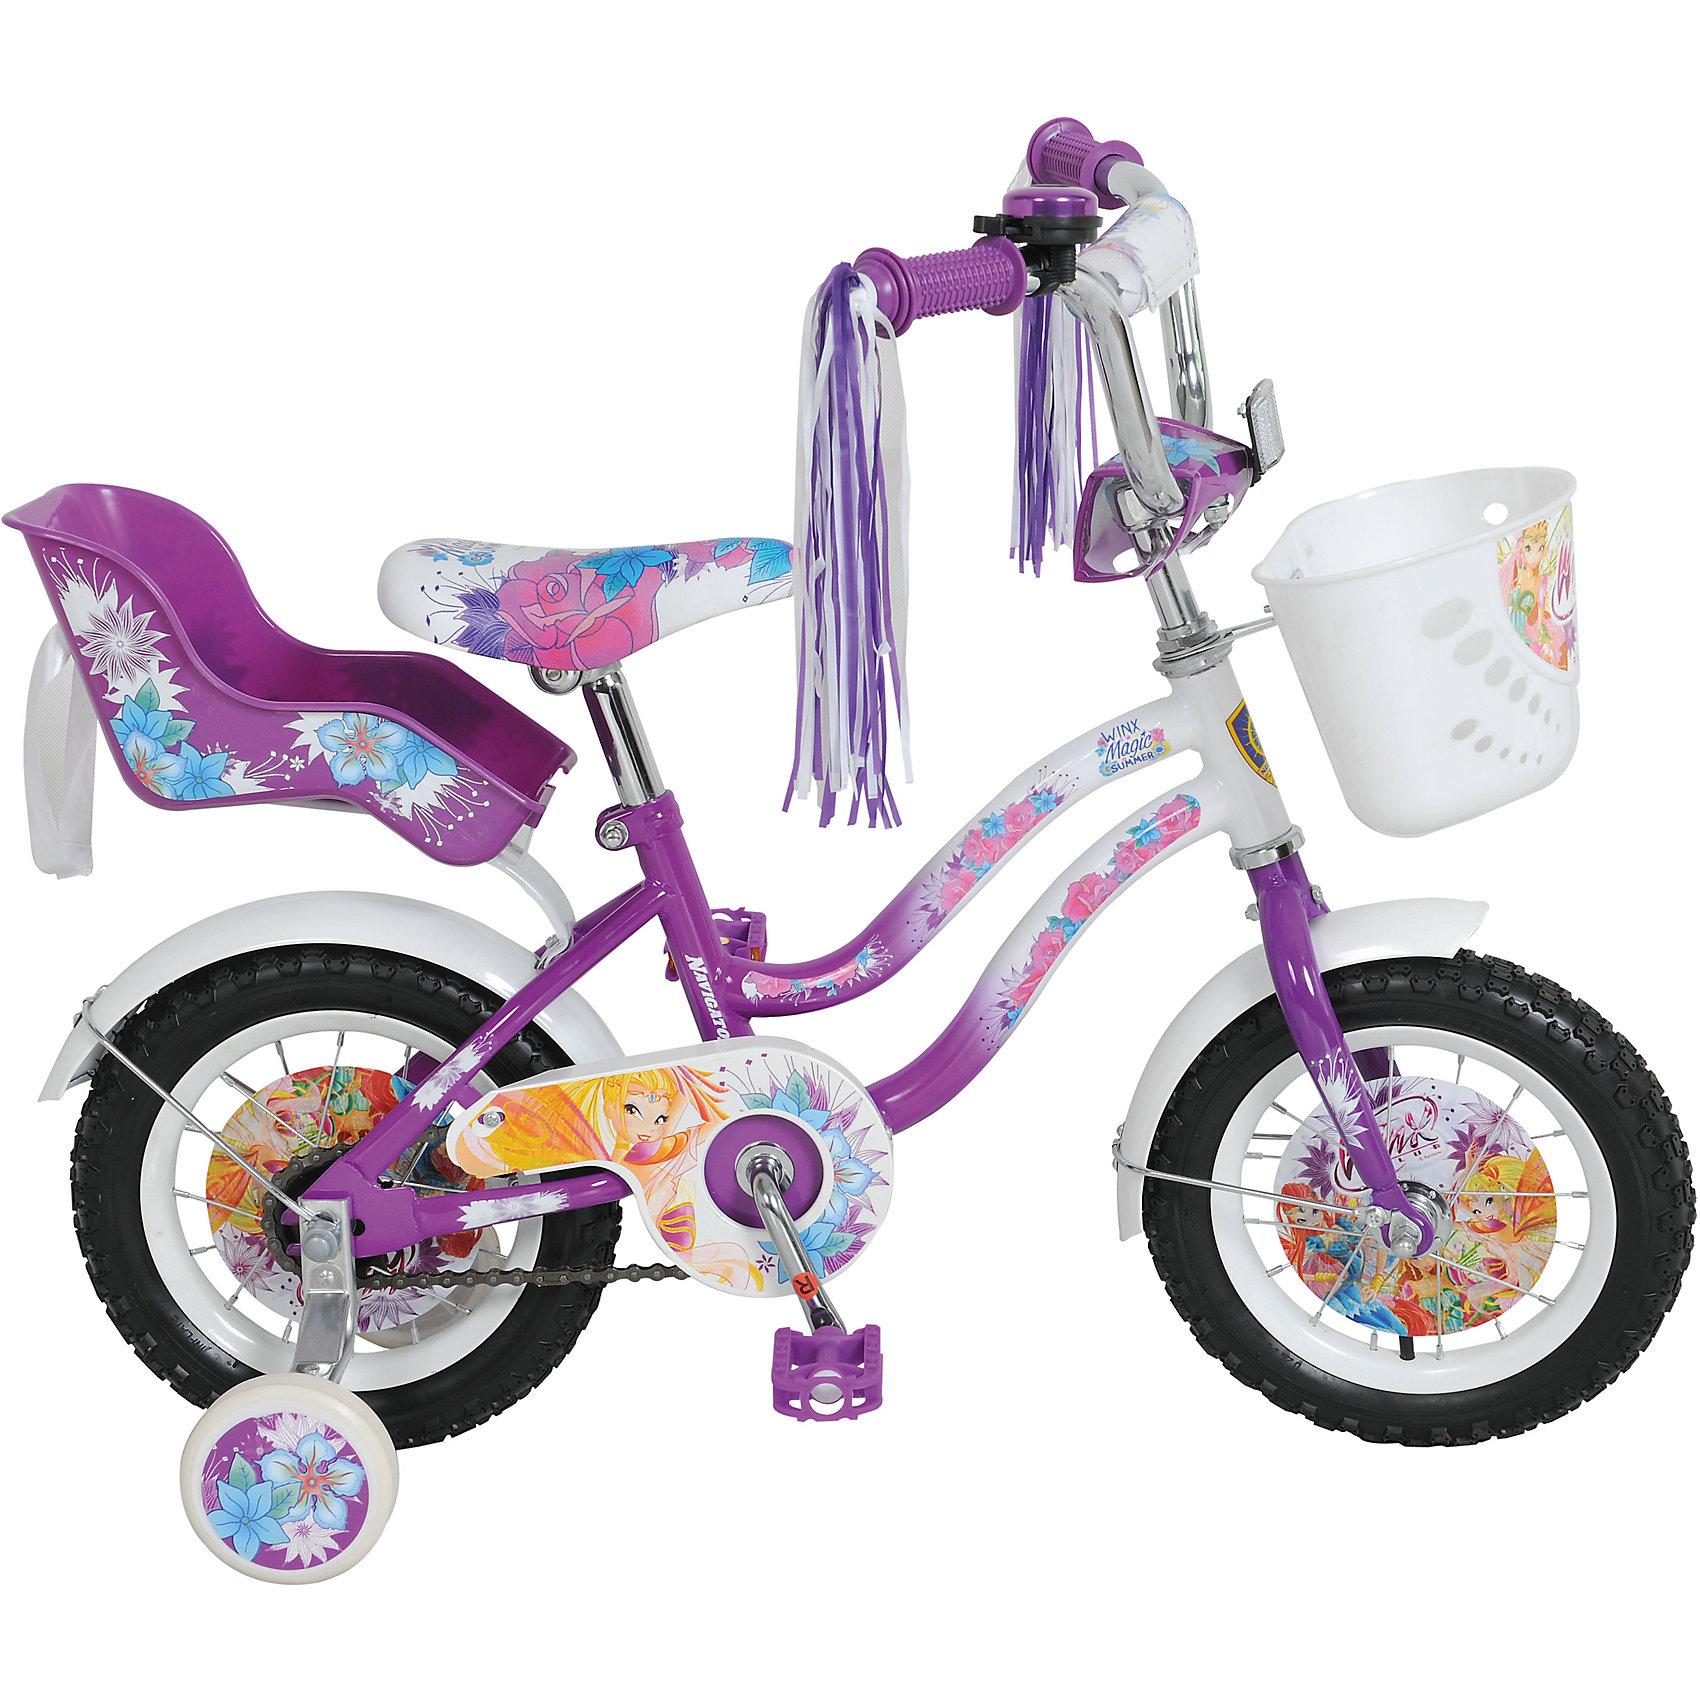 Велосипед, Winx, фиолетово-белый, NavigatorПопулярные игрушки<br>Велосипед Winx, Navigator (Навигатор) – это яркий, стильный, надежный велосипед высокого качества для маленьких принцесс.<br>Детский велосипед Winx T2-тип - мечта каждой юной феи. Красивое, яркое оформление, «дождик» на руле, пластиковая корзина для различных принадлежностей, заднее пластиковое кресло для куклы, которое, при необходимости, быстро снимается, все это удовлетворит запросы даже самой взыскательной модницы. На этом велосипеде ваша красавица точно не останется не замеченной и получит максимум удовольствия от катания. Рама велосипеда выполнена из высокопрочного металла. Покрытие рамы устойчиво к царапинам. Высота руля и сиденья легко регулируется в соответствии с возрастом и ростом ребенка. Мягкая накладка на руле обеспечит небольшое смягчение при падении на руль. Колеса оснащены резиновыми шинами, которые хорошо удерживают воздух. Велосипед имеет дополнительные страховочные колеса, защиту цепи, стальные обода для защиты от брызг, удобное сиденье эргономичной формы, светоотражающие элементы для безопасной езды в темное время суток. Основные колеса декорированы яркими вставками в стиле Винкс. На ручках руля нескользящие накладки с ограничителями. Катание на велосипеде поможет ребенку укрепить опорно-двигательную и сердечнососудистую системы.<br><br>Дополнительная информация:<br><br>- Возрастная категория: 2,5 - 4 лет<br>- Подходит для детей ростом 85 - 110 см.<br>- Максимальная нагрузка 25 кг.<br>- Размер: 92х50х66 см.<br>- Диаметр колёс: 12 дюймов<br>- Диаметр дополнительных колёс: 10,5 см.<br>- Ширина дополнительных колёс: 2,5 см.<br>- Высота руля: от 60,5 до 66 см.<br>- Ширина руля: 50 см.<br>- Высота сиденья: от 44 до 49,5 см.<br>- Размер сиденья: 23х14 см.<br>- Размер педалей: 8 х6х2 см.<br>- Нижняя высота педали от земли: 9,5 см.<br>- Верхняя высота педали от земли: 27,5 см.<br>- Односоставной шатун<br>- Ножной тормоз<br>- Материал рамы: сталь<br>- Вес в упаковке: 8,9 кг.<br><br>Велосипе